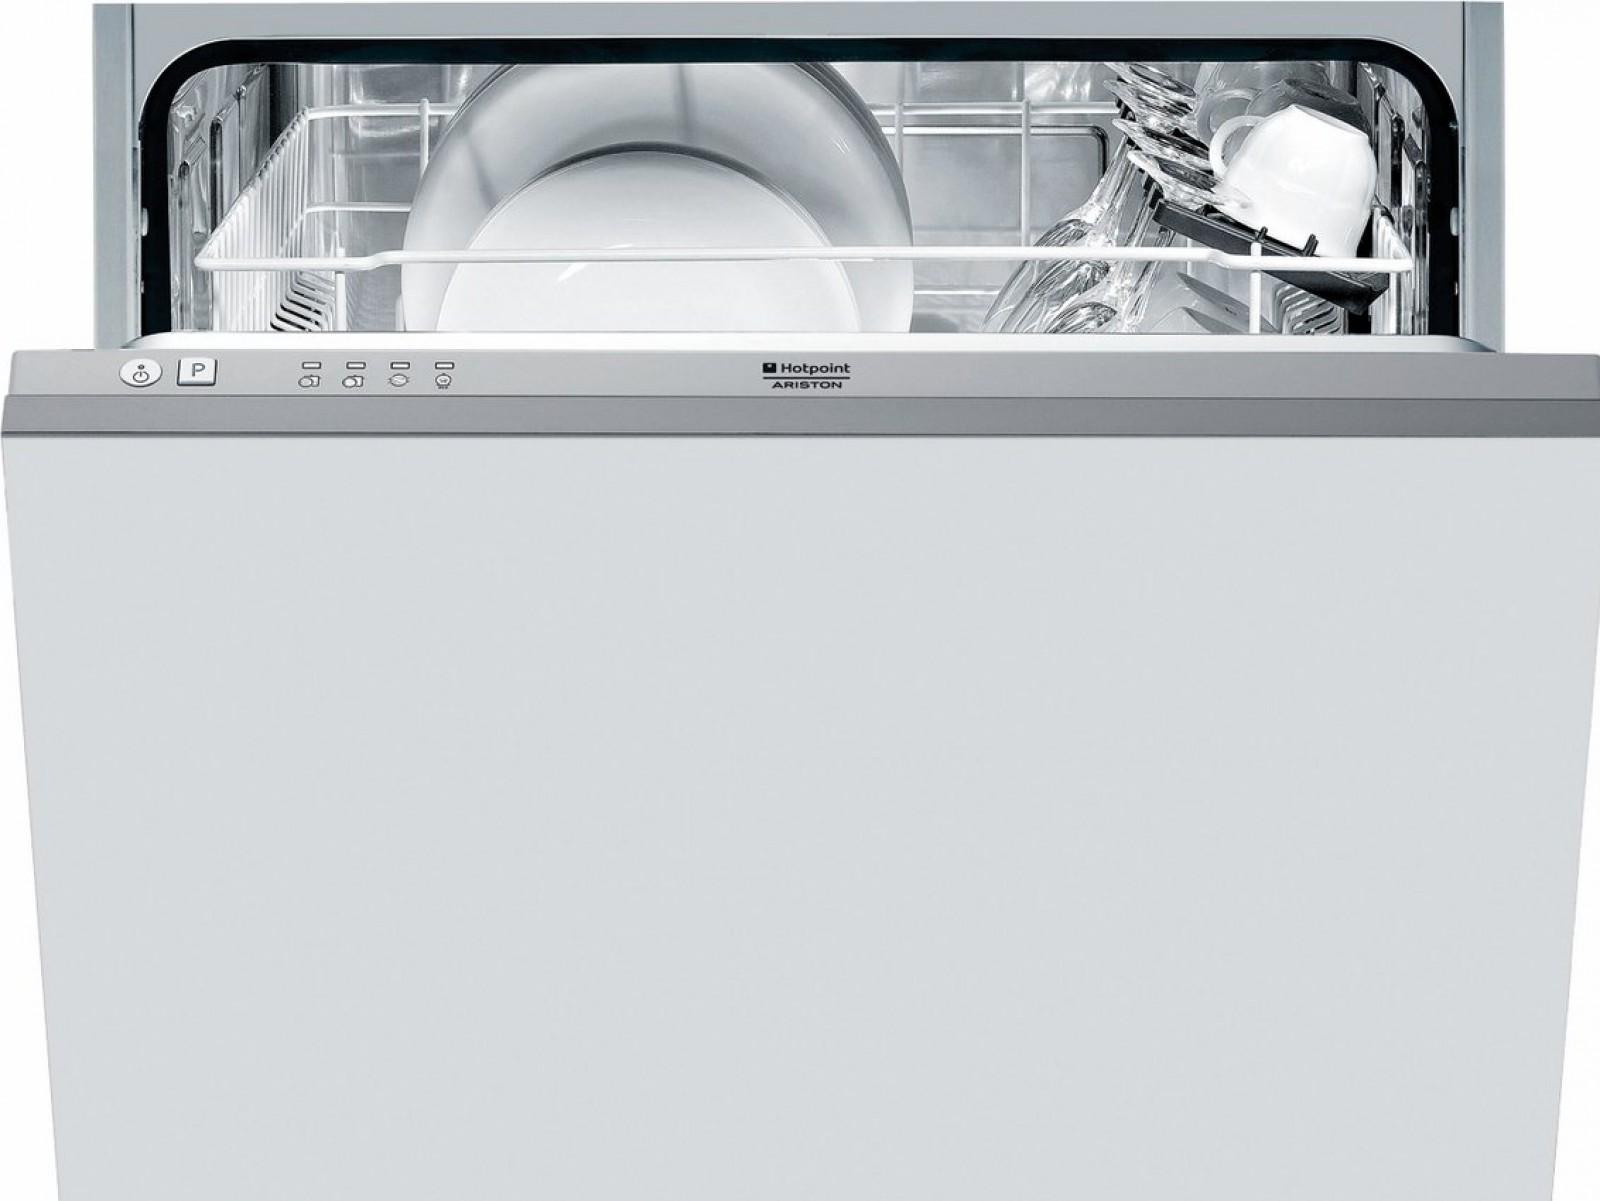 Proposte d 39 arredo cucine promozione lavastoviglie - Cucine da incasso ariston ...